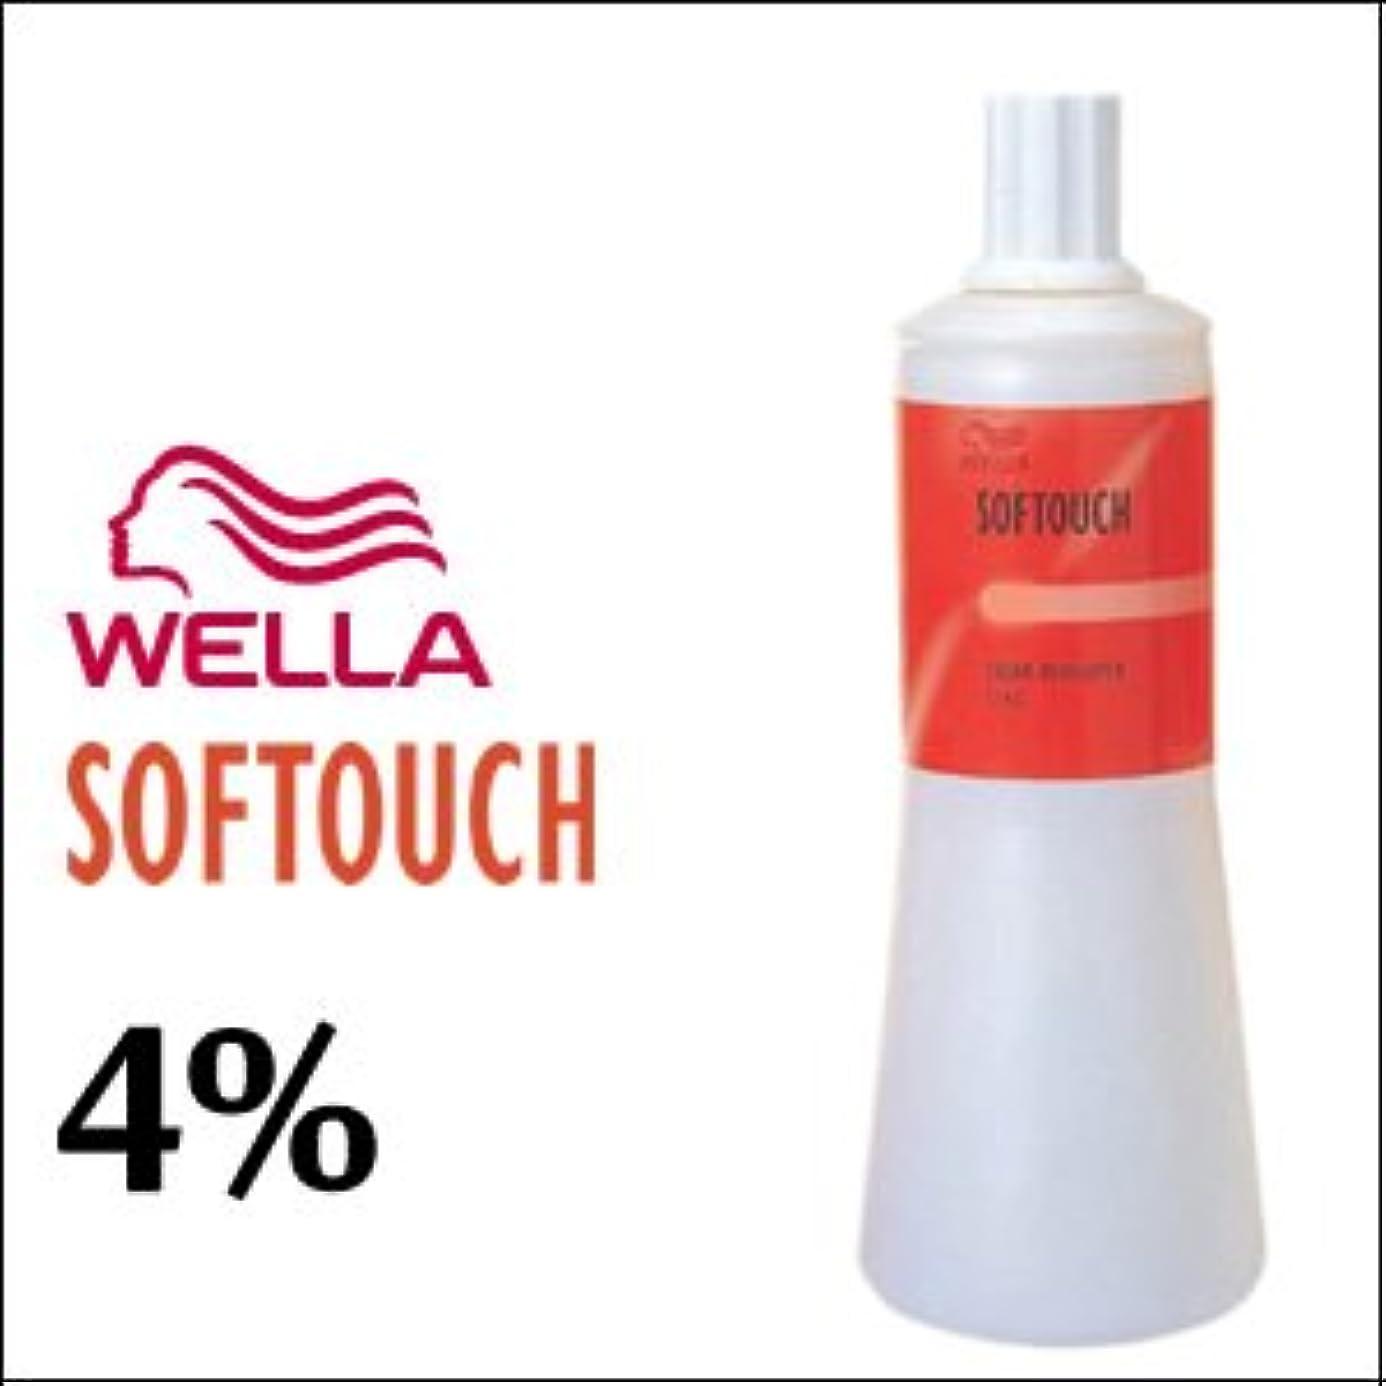 におい埋め込む気配りのあるウエラ ソフタッチ クリームディベロッパー 4% 1L